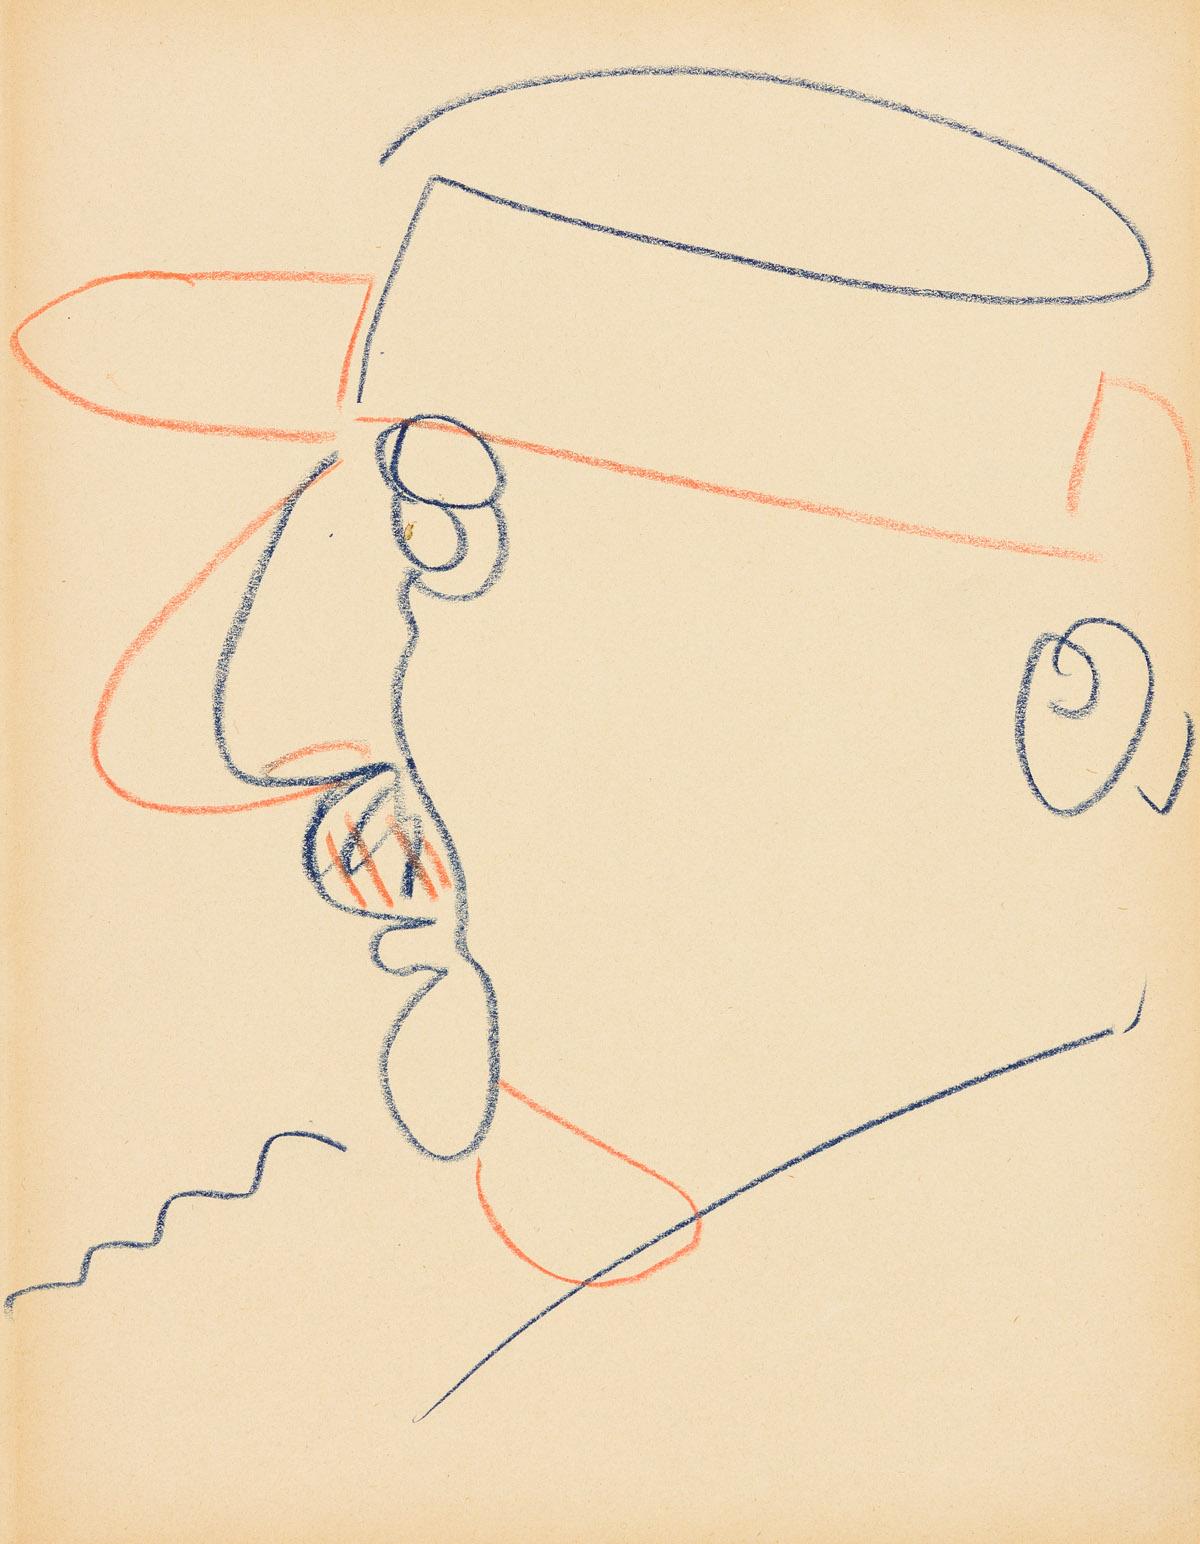 JOHN GRAHAM (1886-1961) Two color pencil portrait drawings.